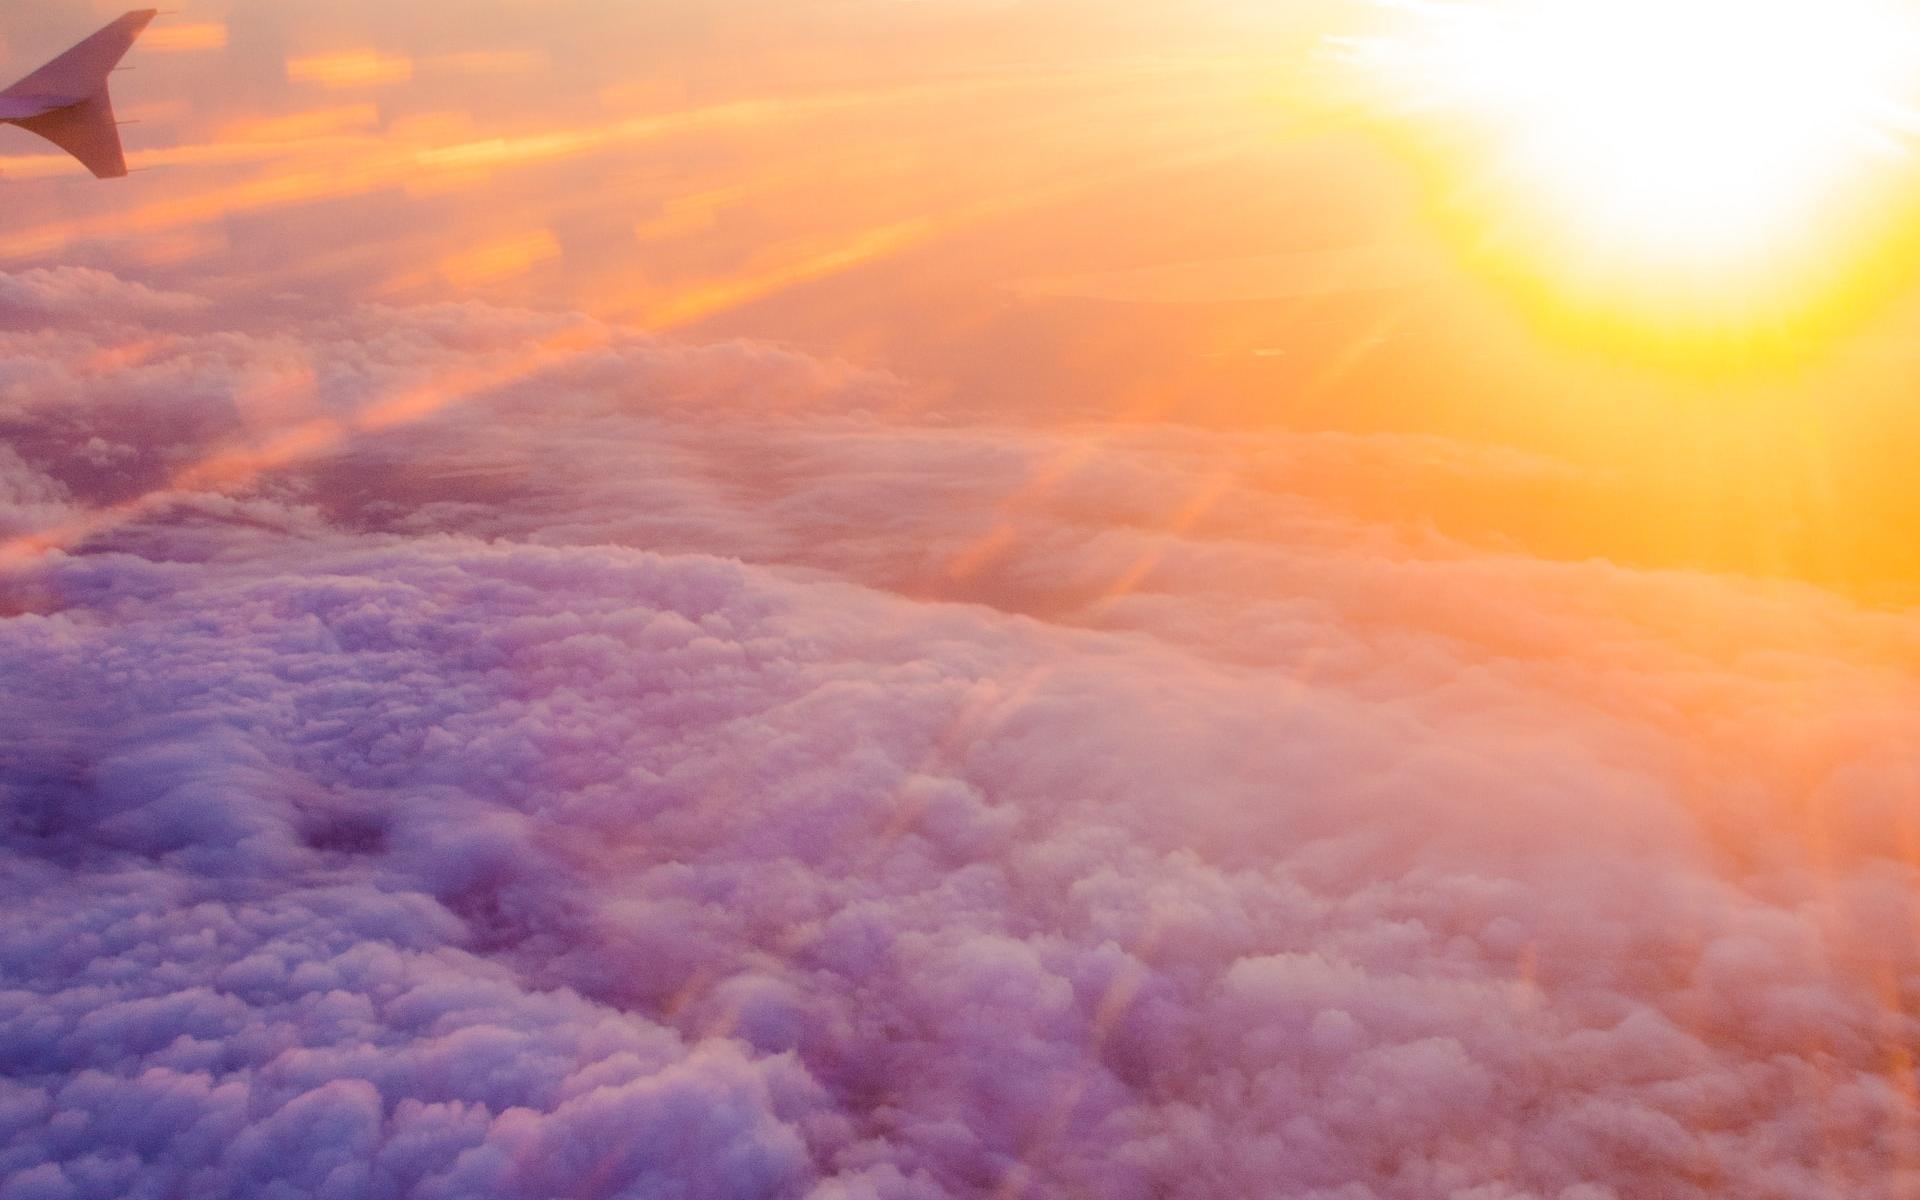 优美炫彩日落风景高清手机护眼壁纸